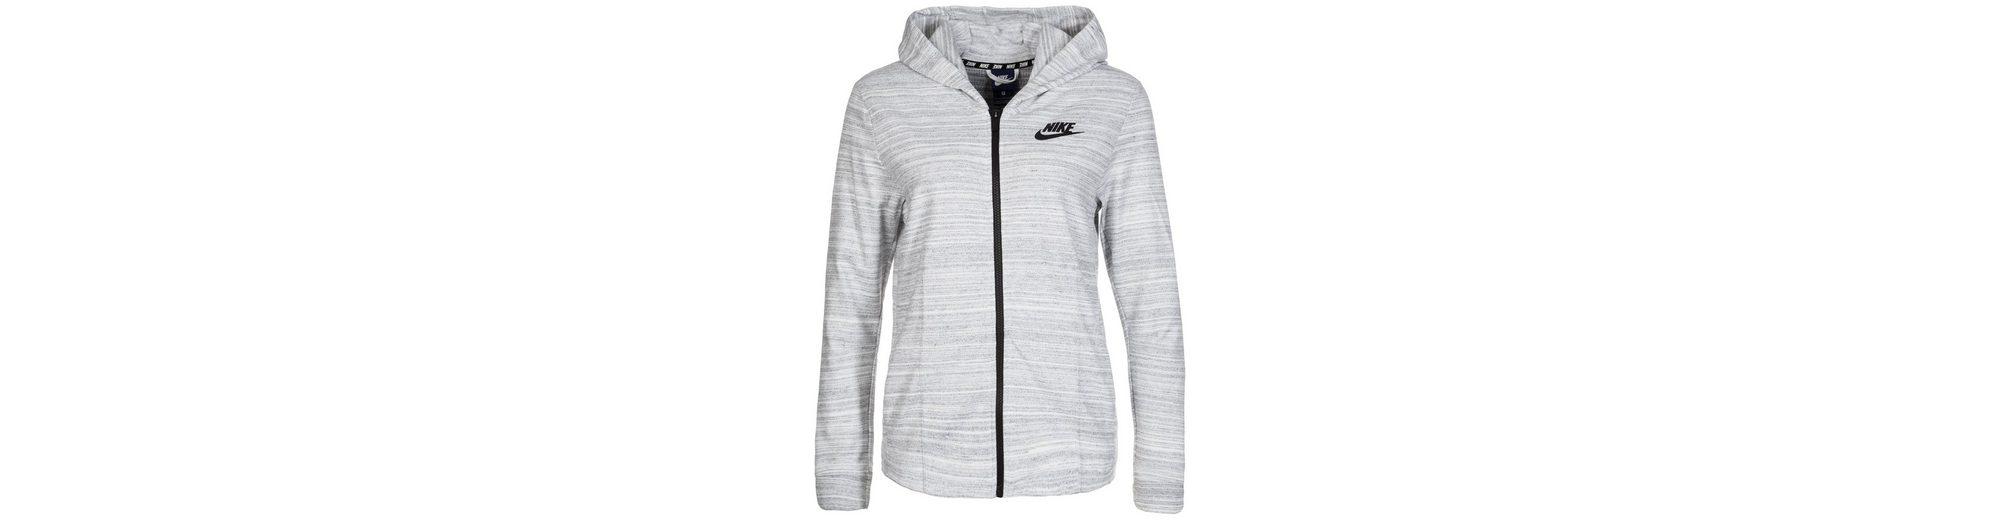 Nike Sportswear Advance 15 Kapuzenjacke Damen Günstig Kaufen Spielraum Store Rabatt Original ubtfxQWtxR